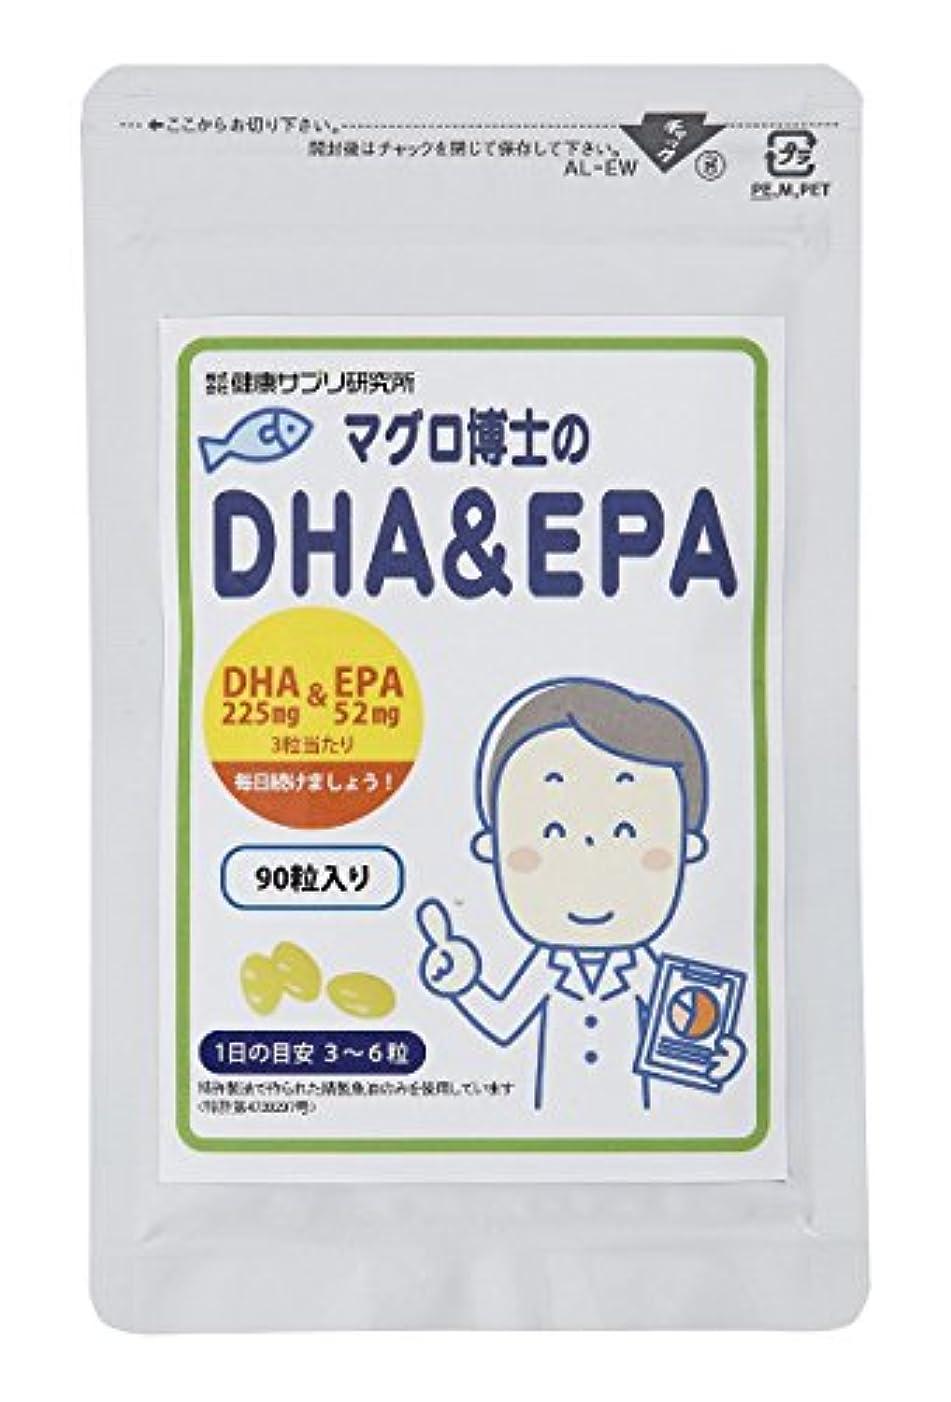 履歴書審判アメリカ健康サプリ研究所 マグロ博士のDHA&EPA 90粒【 DHA EPA】3粒でお刺身約2~2人前のDHA?EPAを摂取